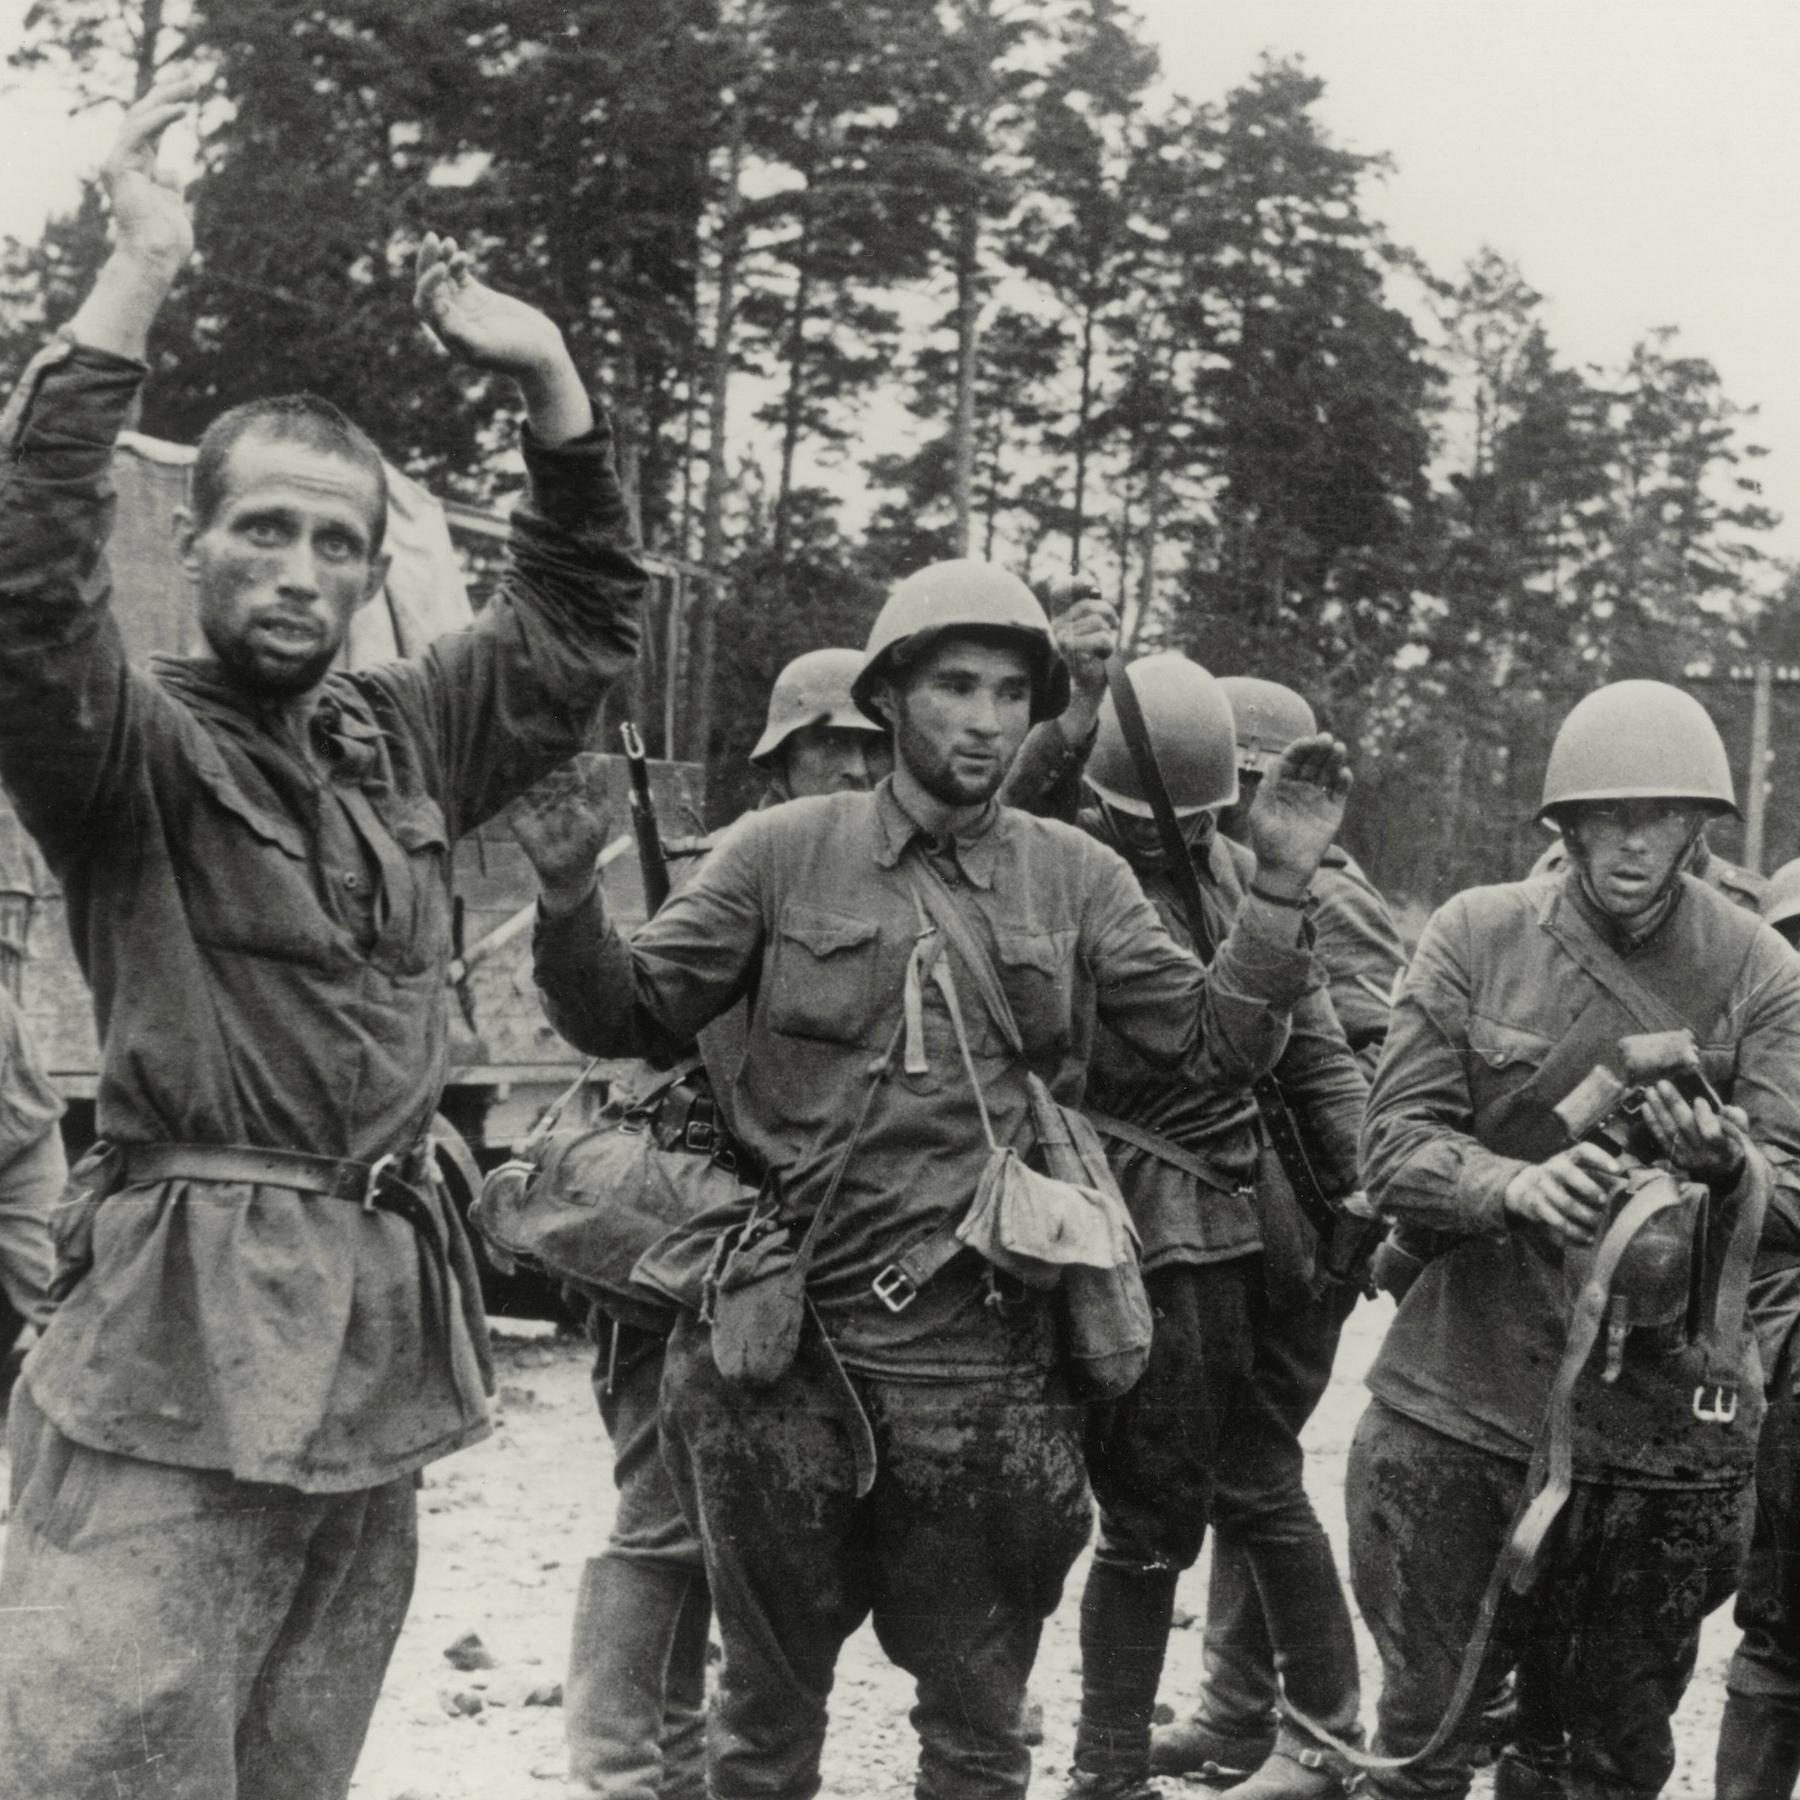 Unternehmen Barbarossa - Hitlers Krieg gegen die Sowjetunion